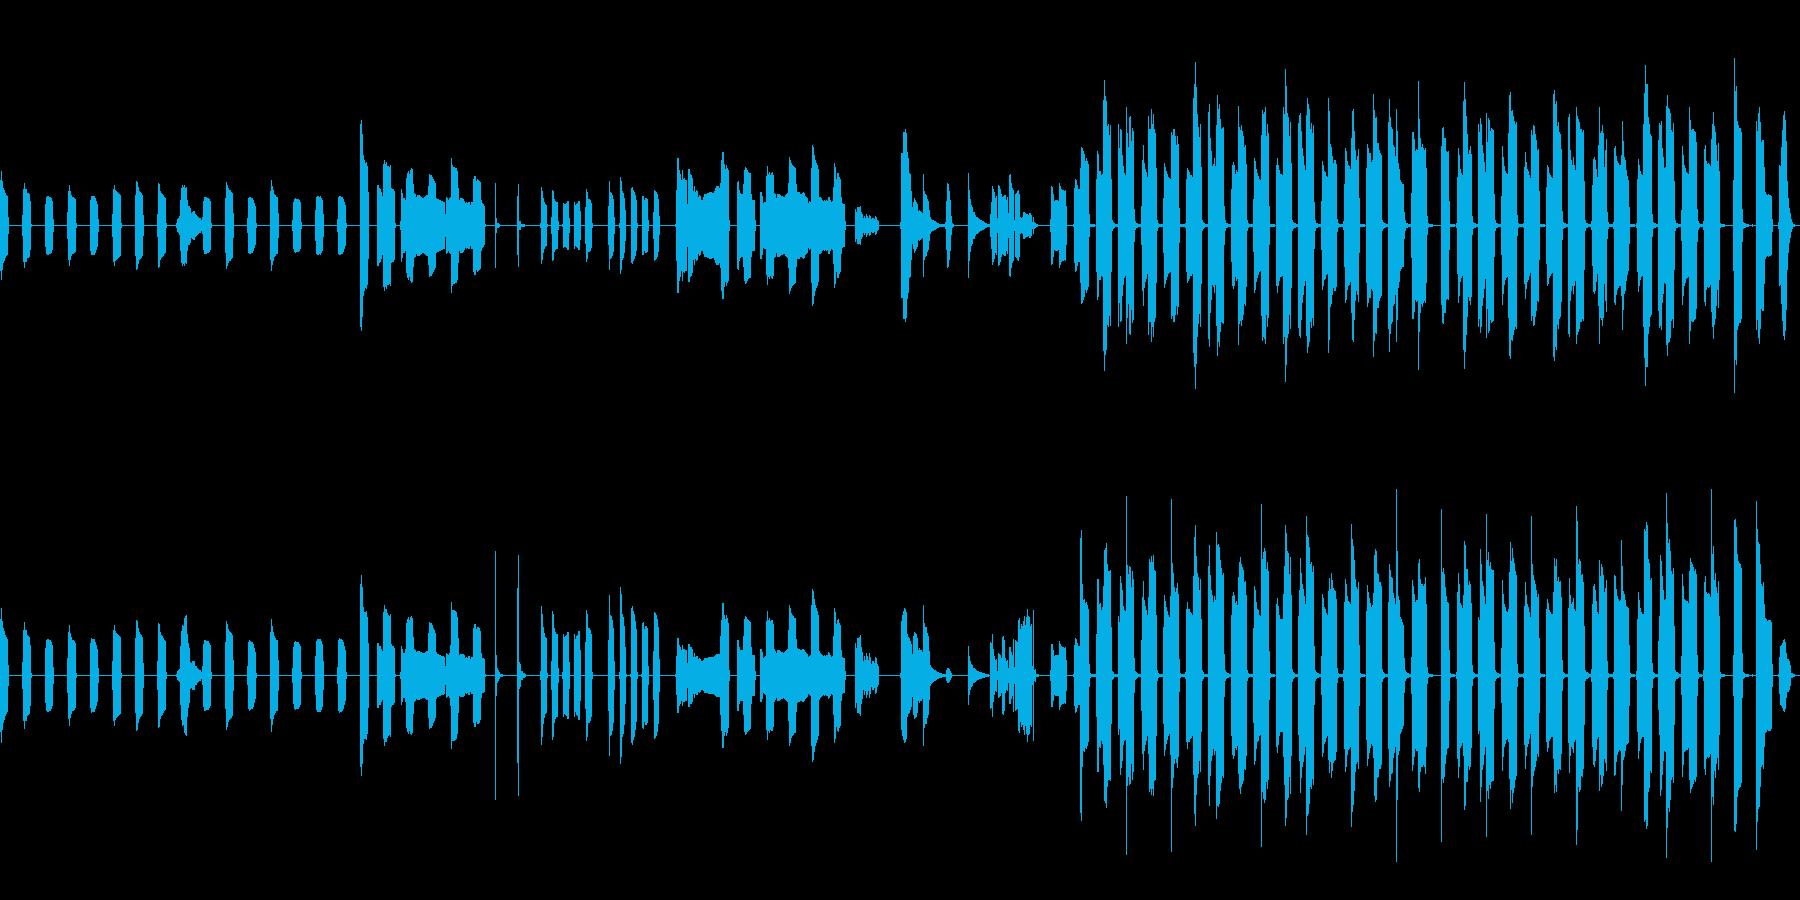 ピタゴラスイッチっぽいリコーダーのBGMの再生済みの波形